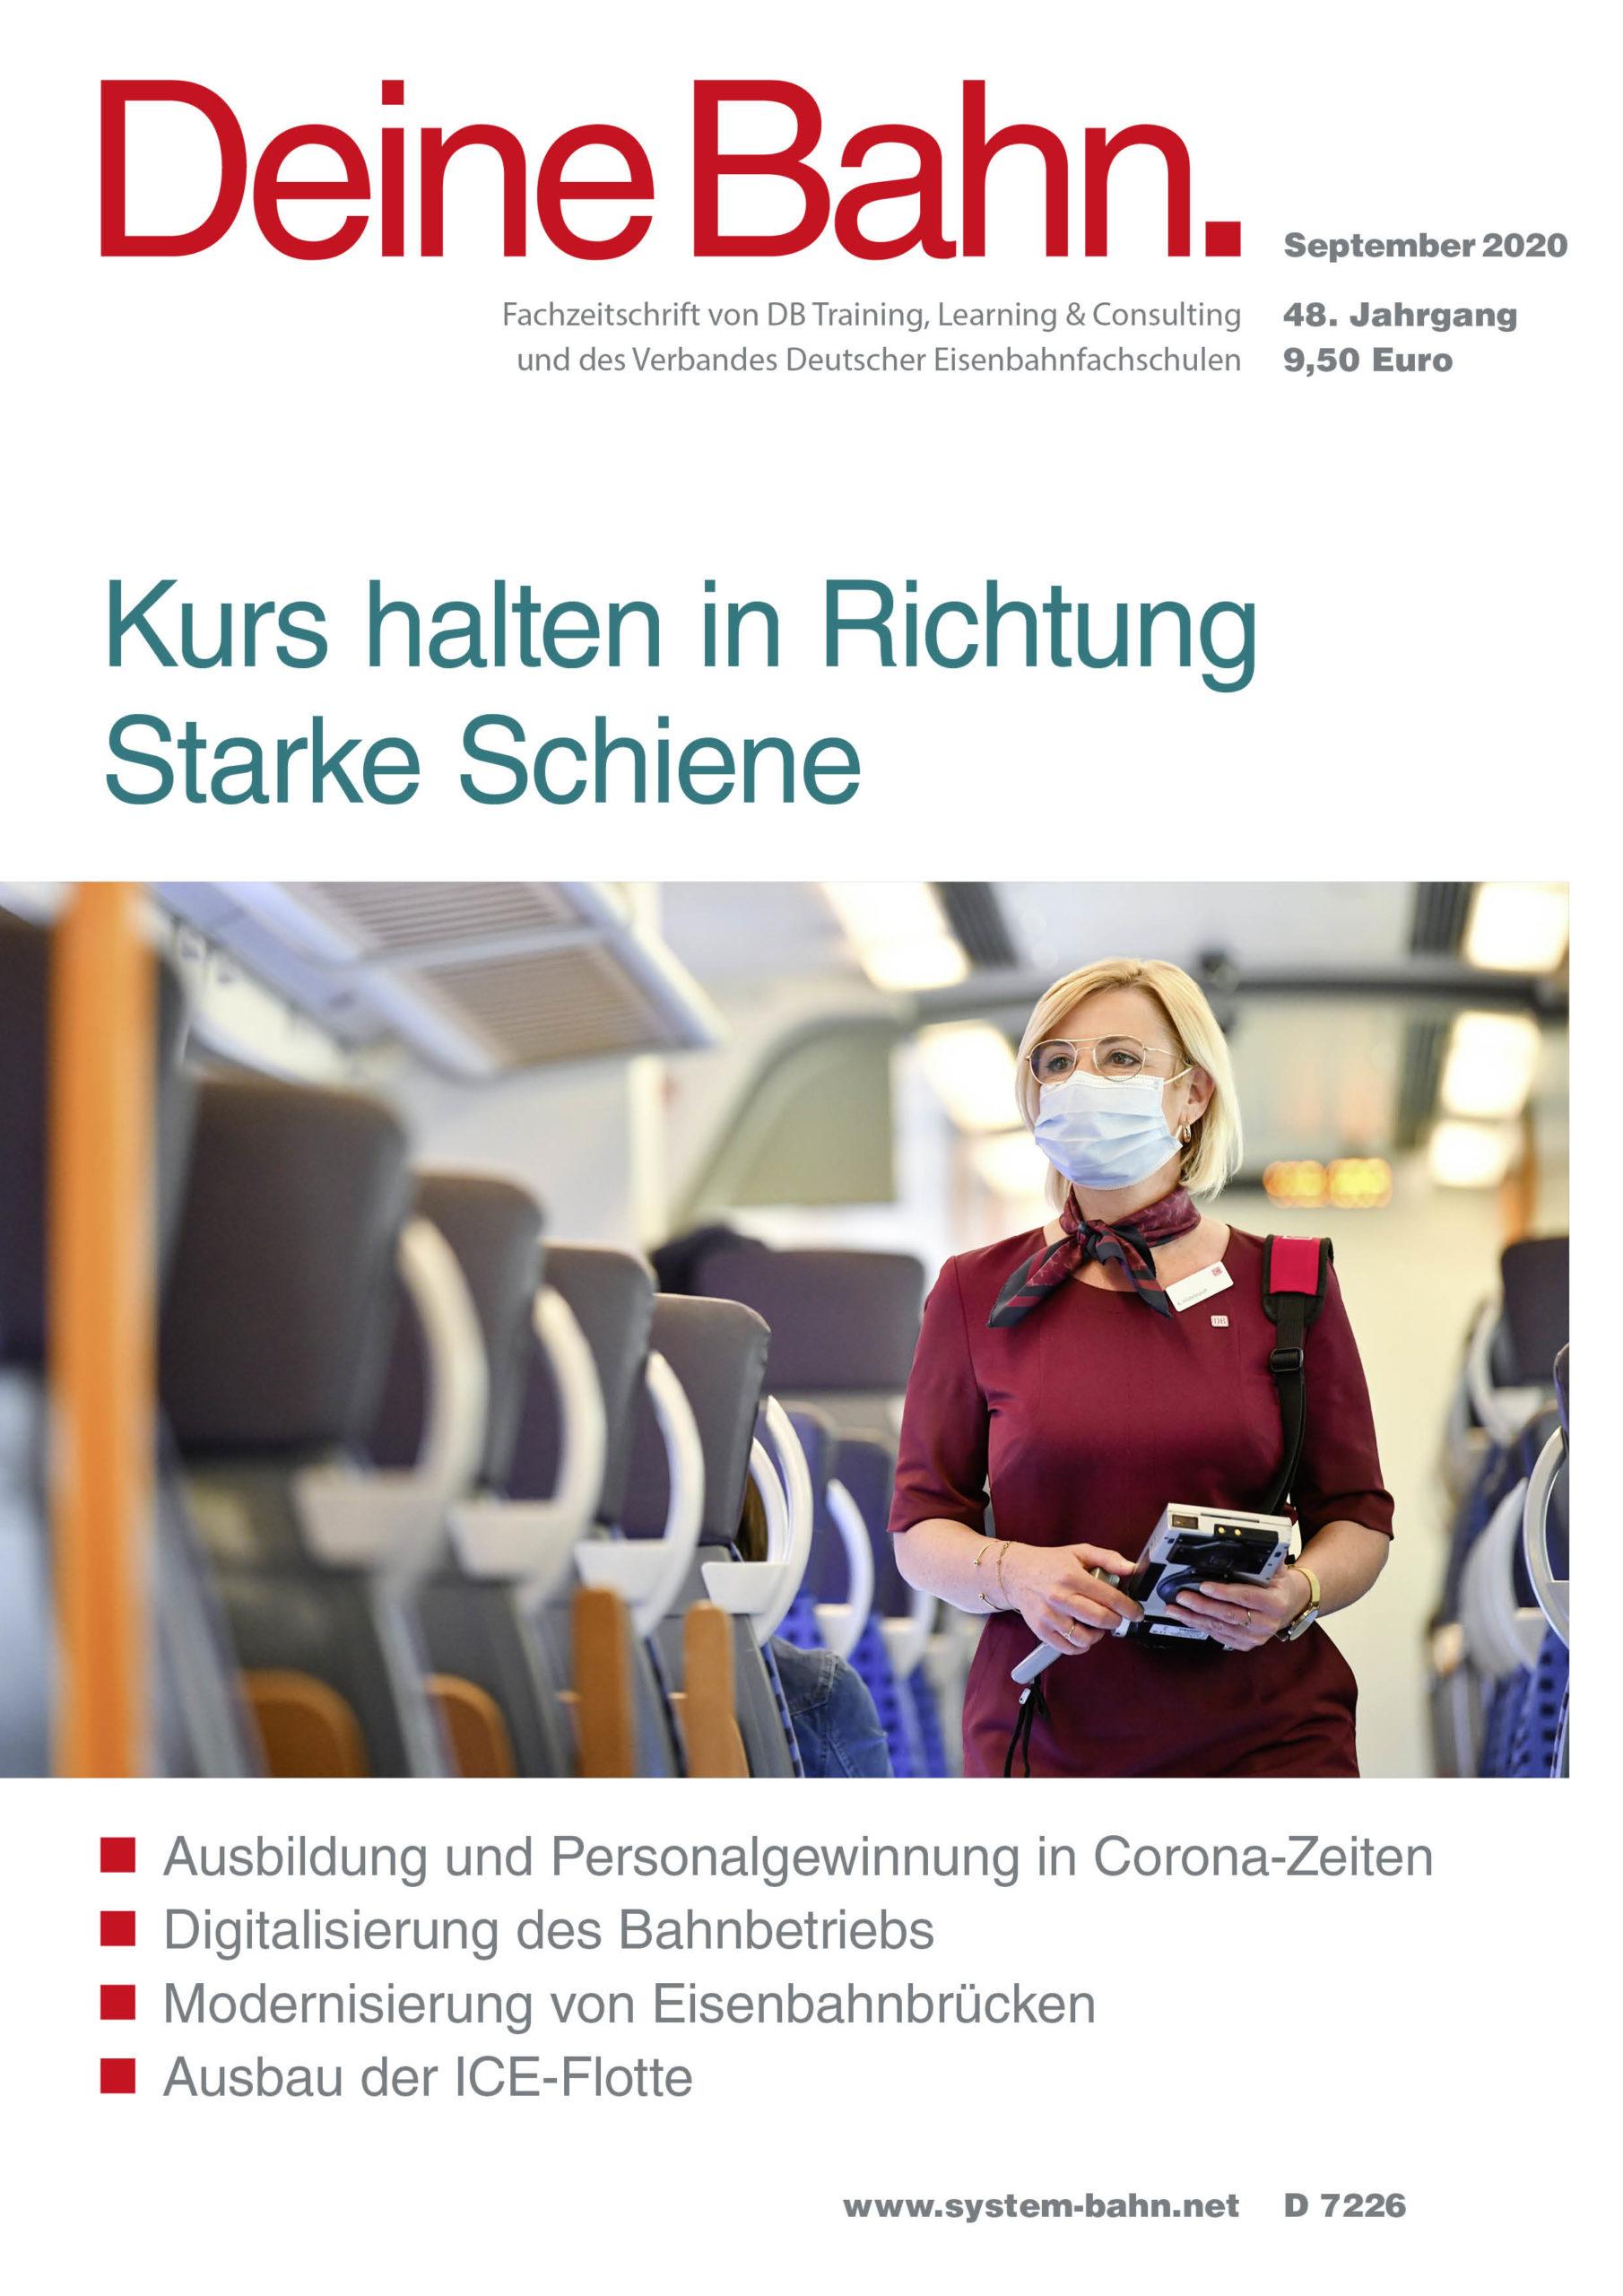 Umschlagmotiv Fachzeitschrift Deine Bahn September 2020